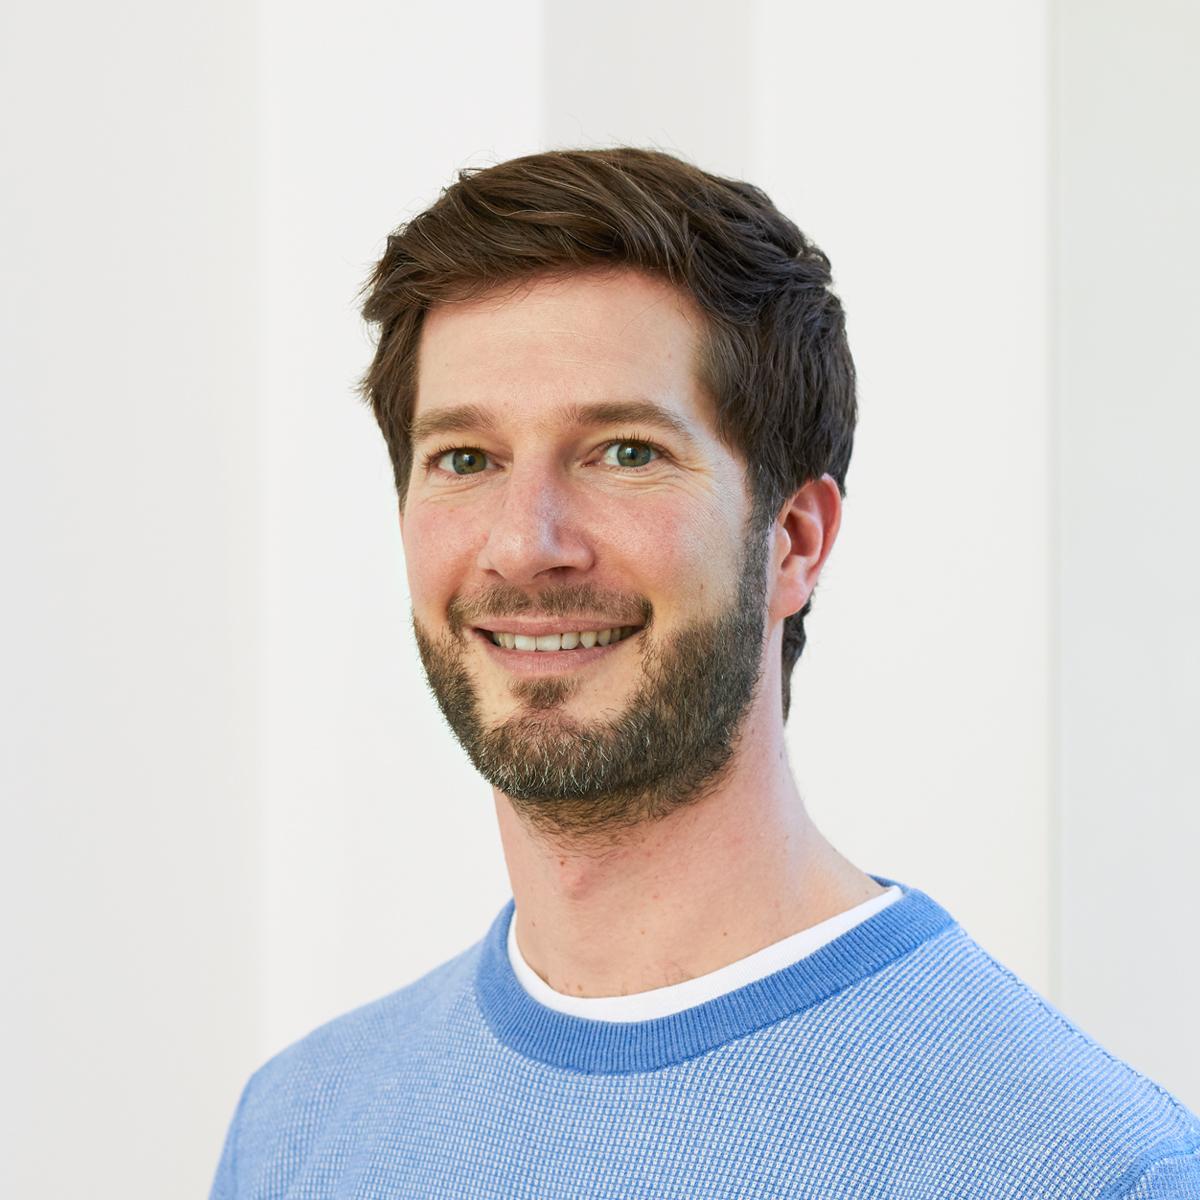 Dominik Greven